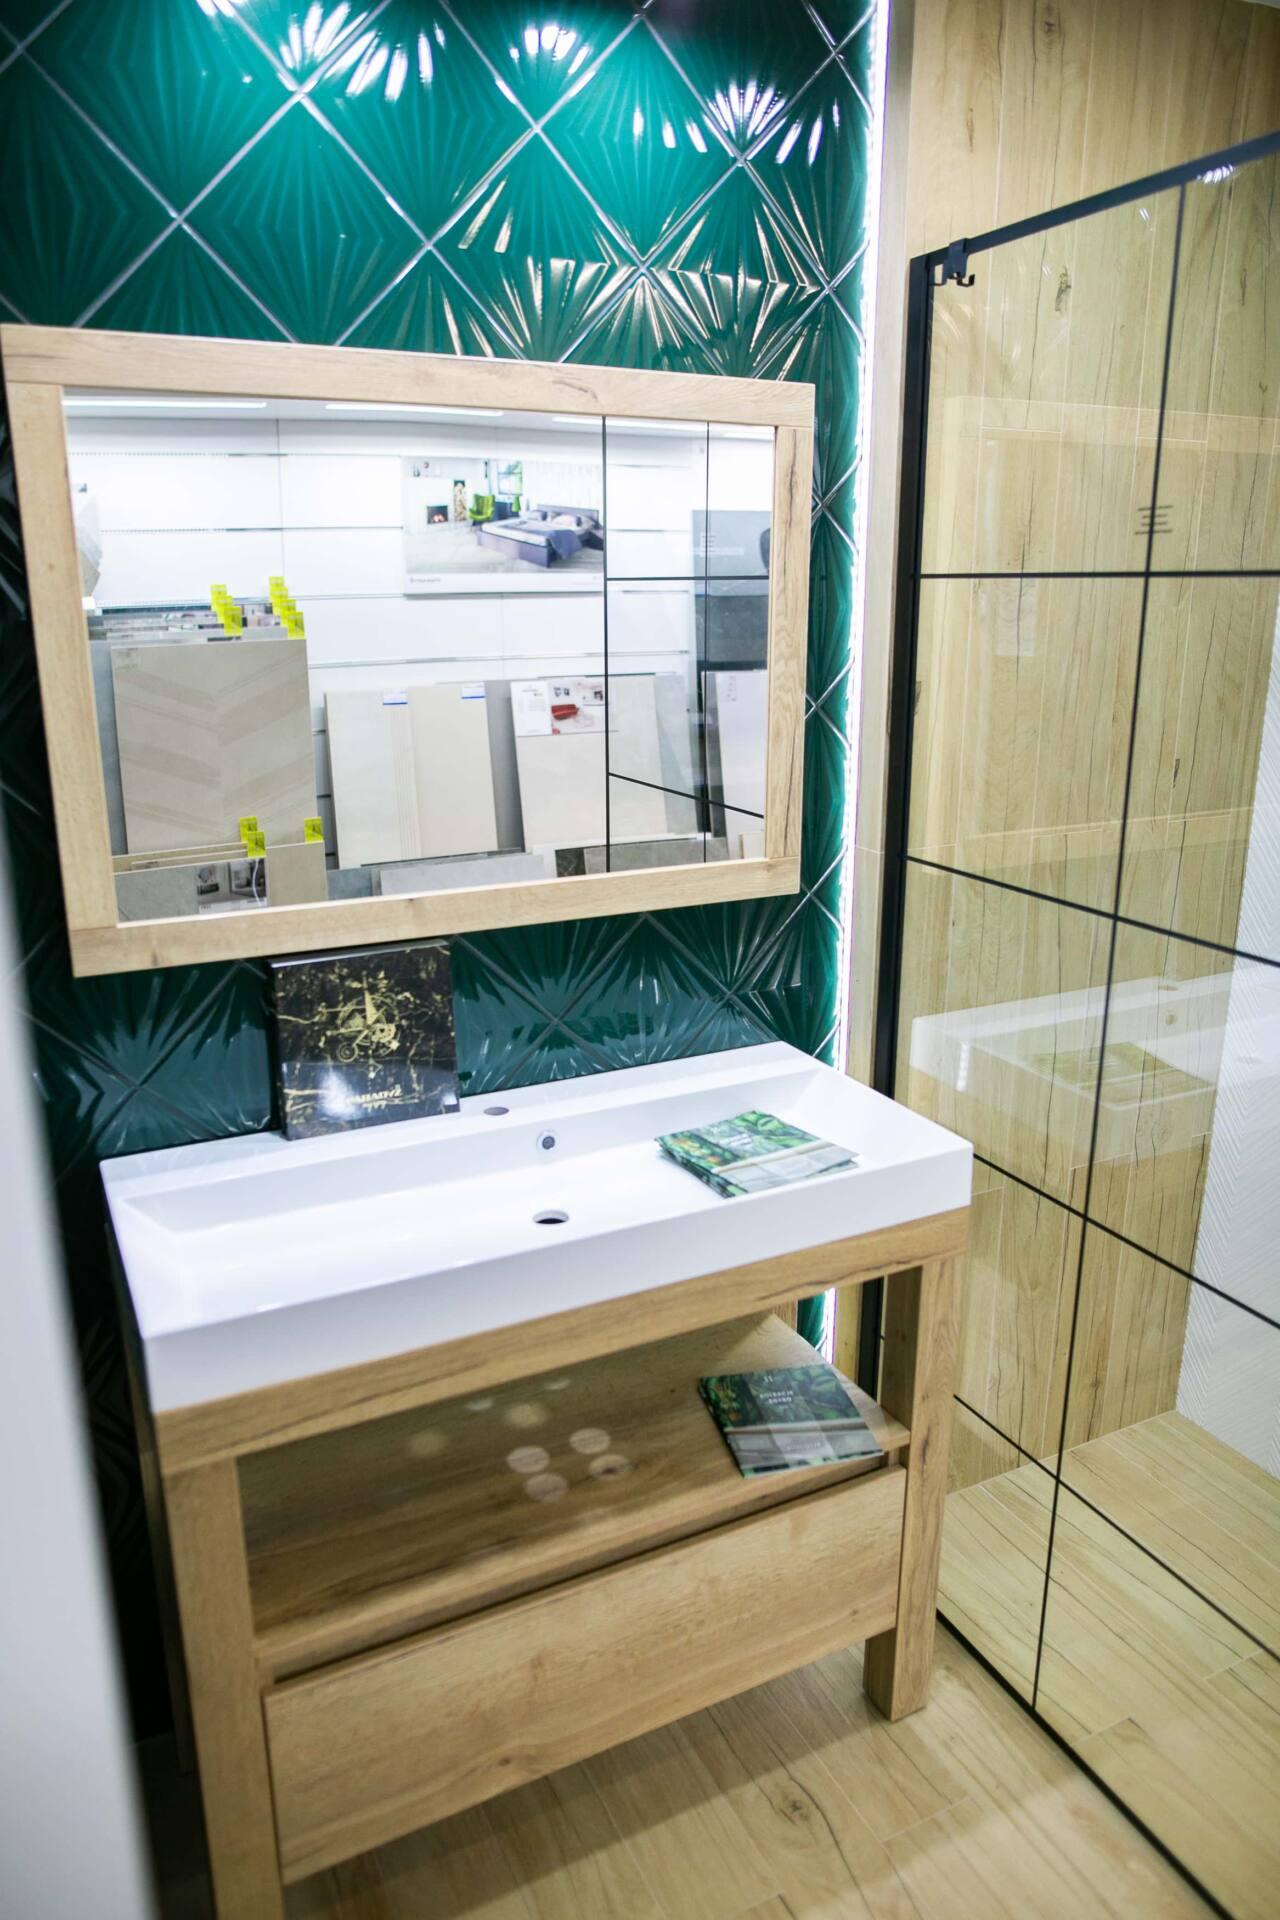 5db 5600 Salon BLU: na ponad 500 m2., 36 łazienkowych aranżacji i bogata ekspozycja wyposażenia (zdjęcia)